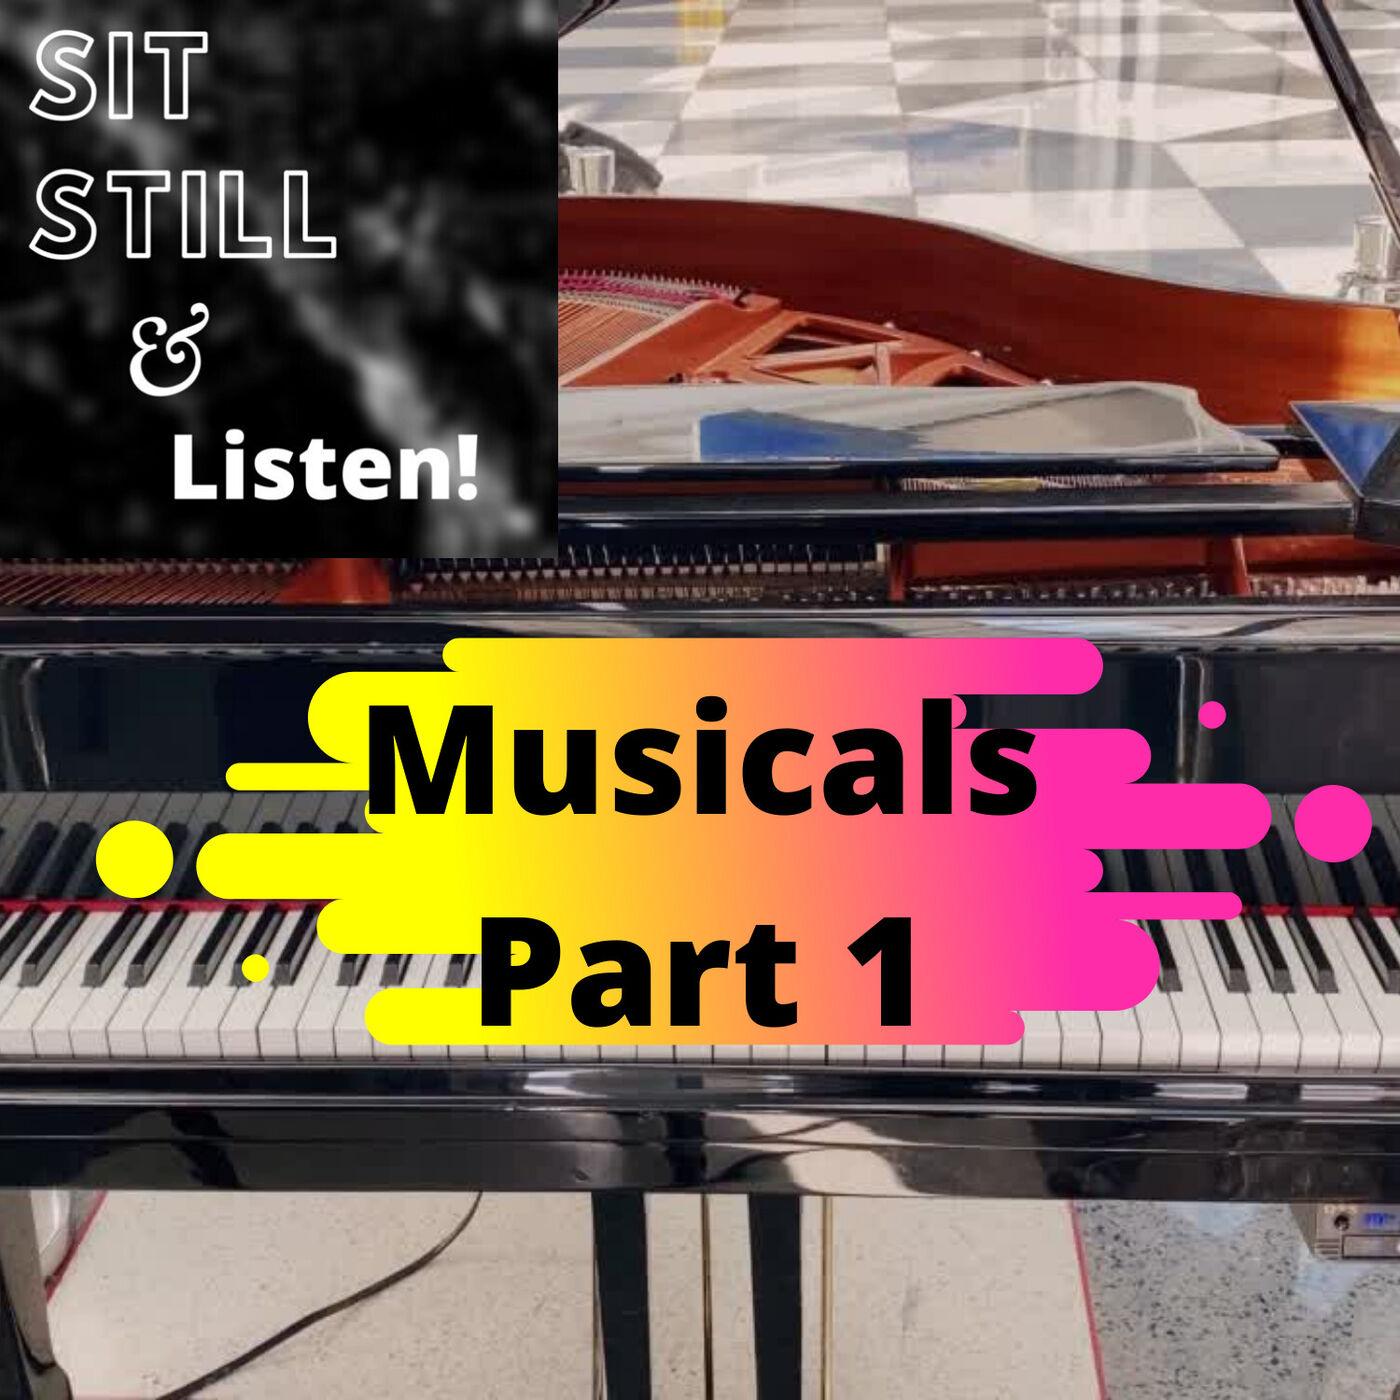 Musicals - Part 1